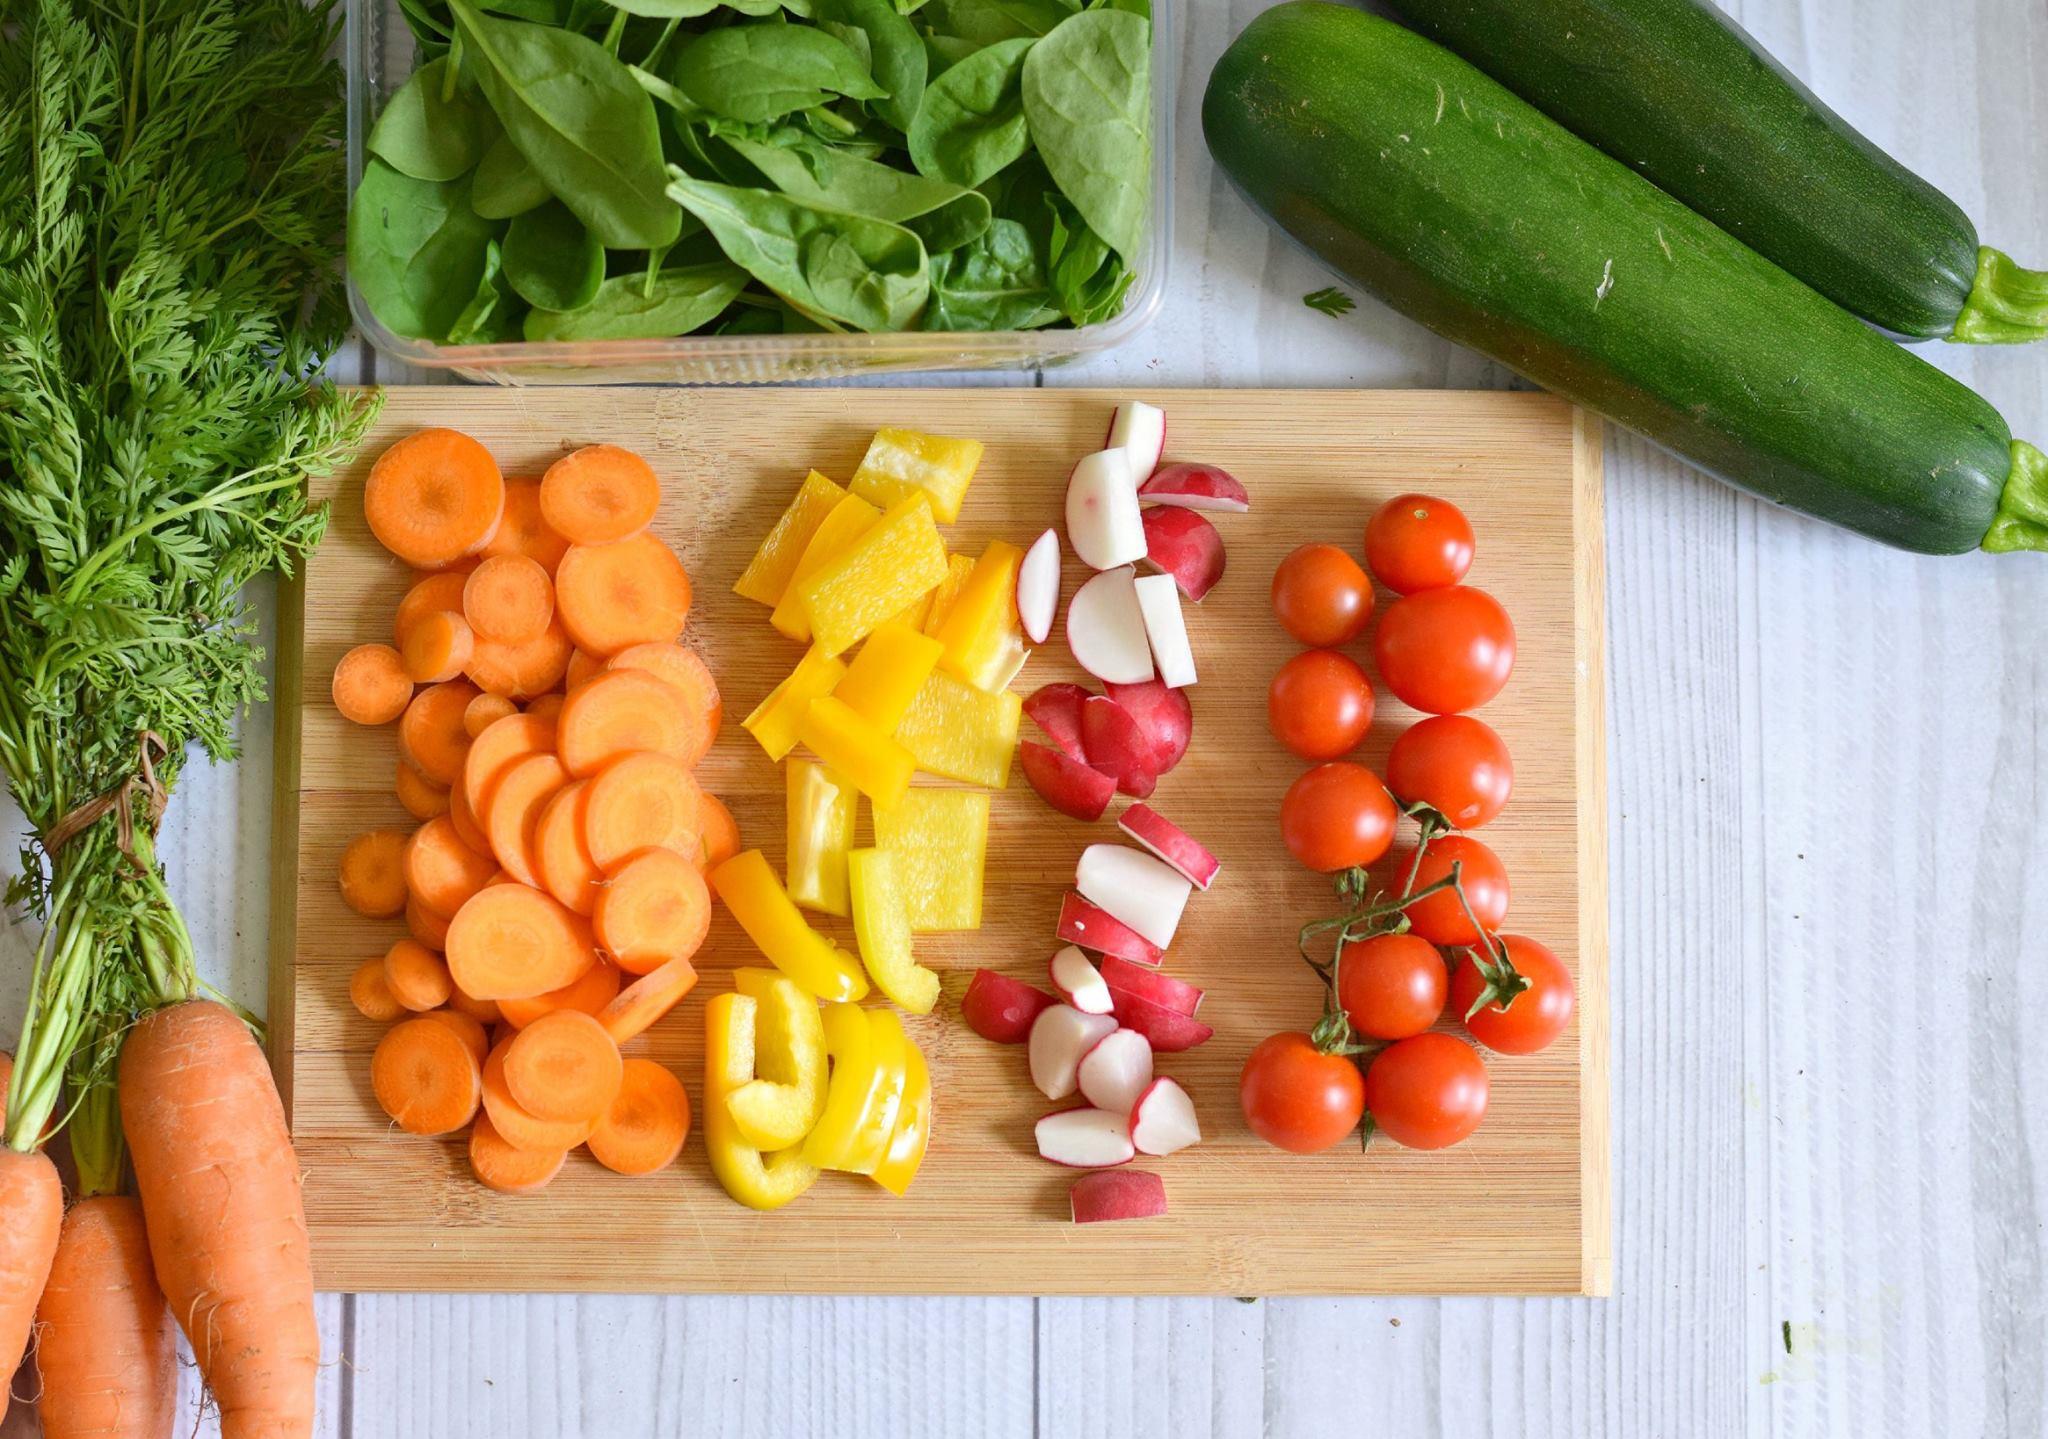 vorgeschnittenes Gemüse zur Essensvorbereitung